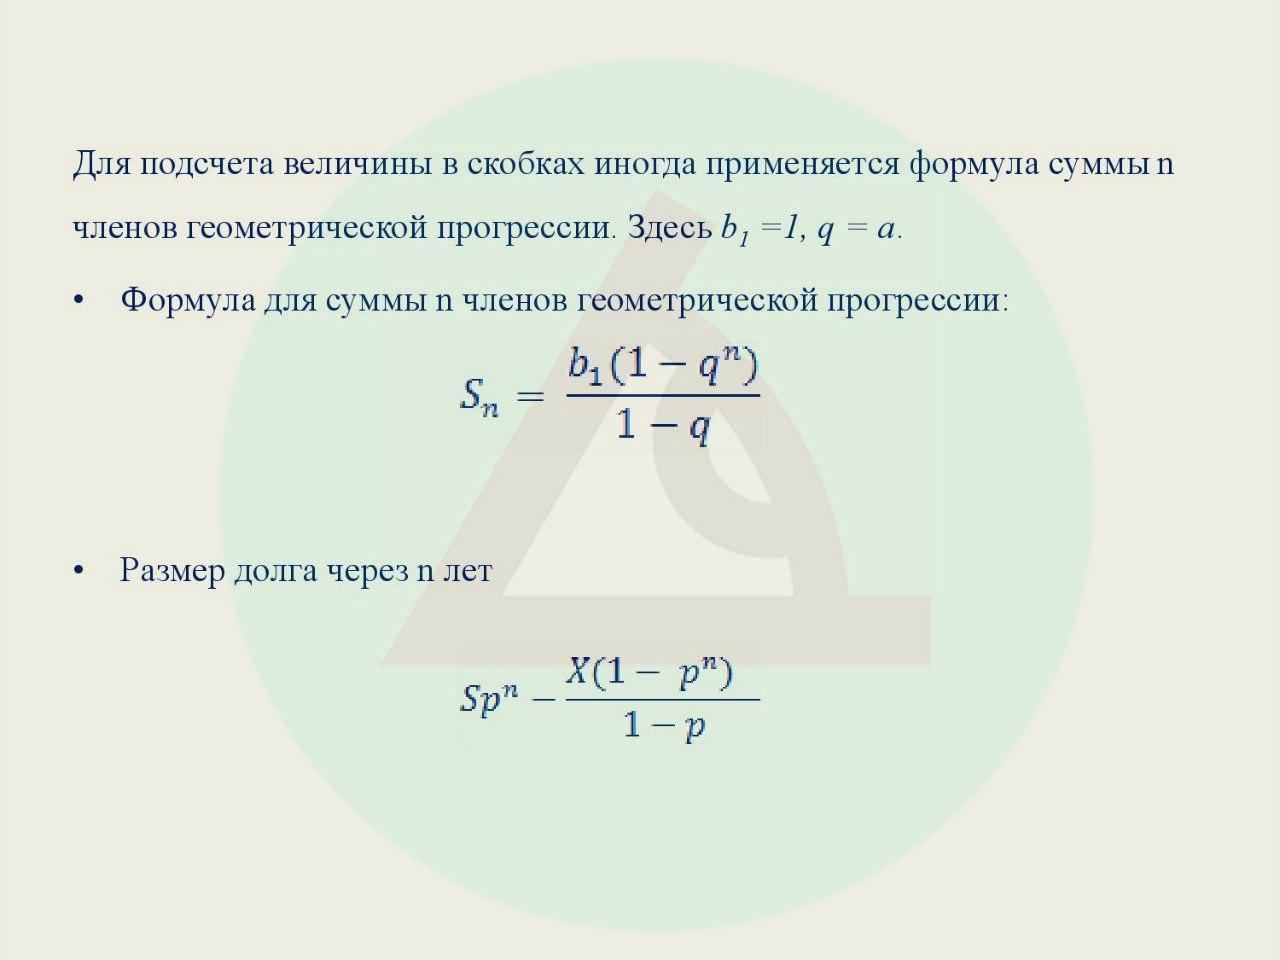 Формулы для решения банковских задач егэ решебник i геометрия решение задач